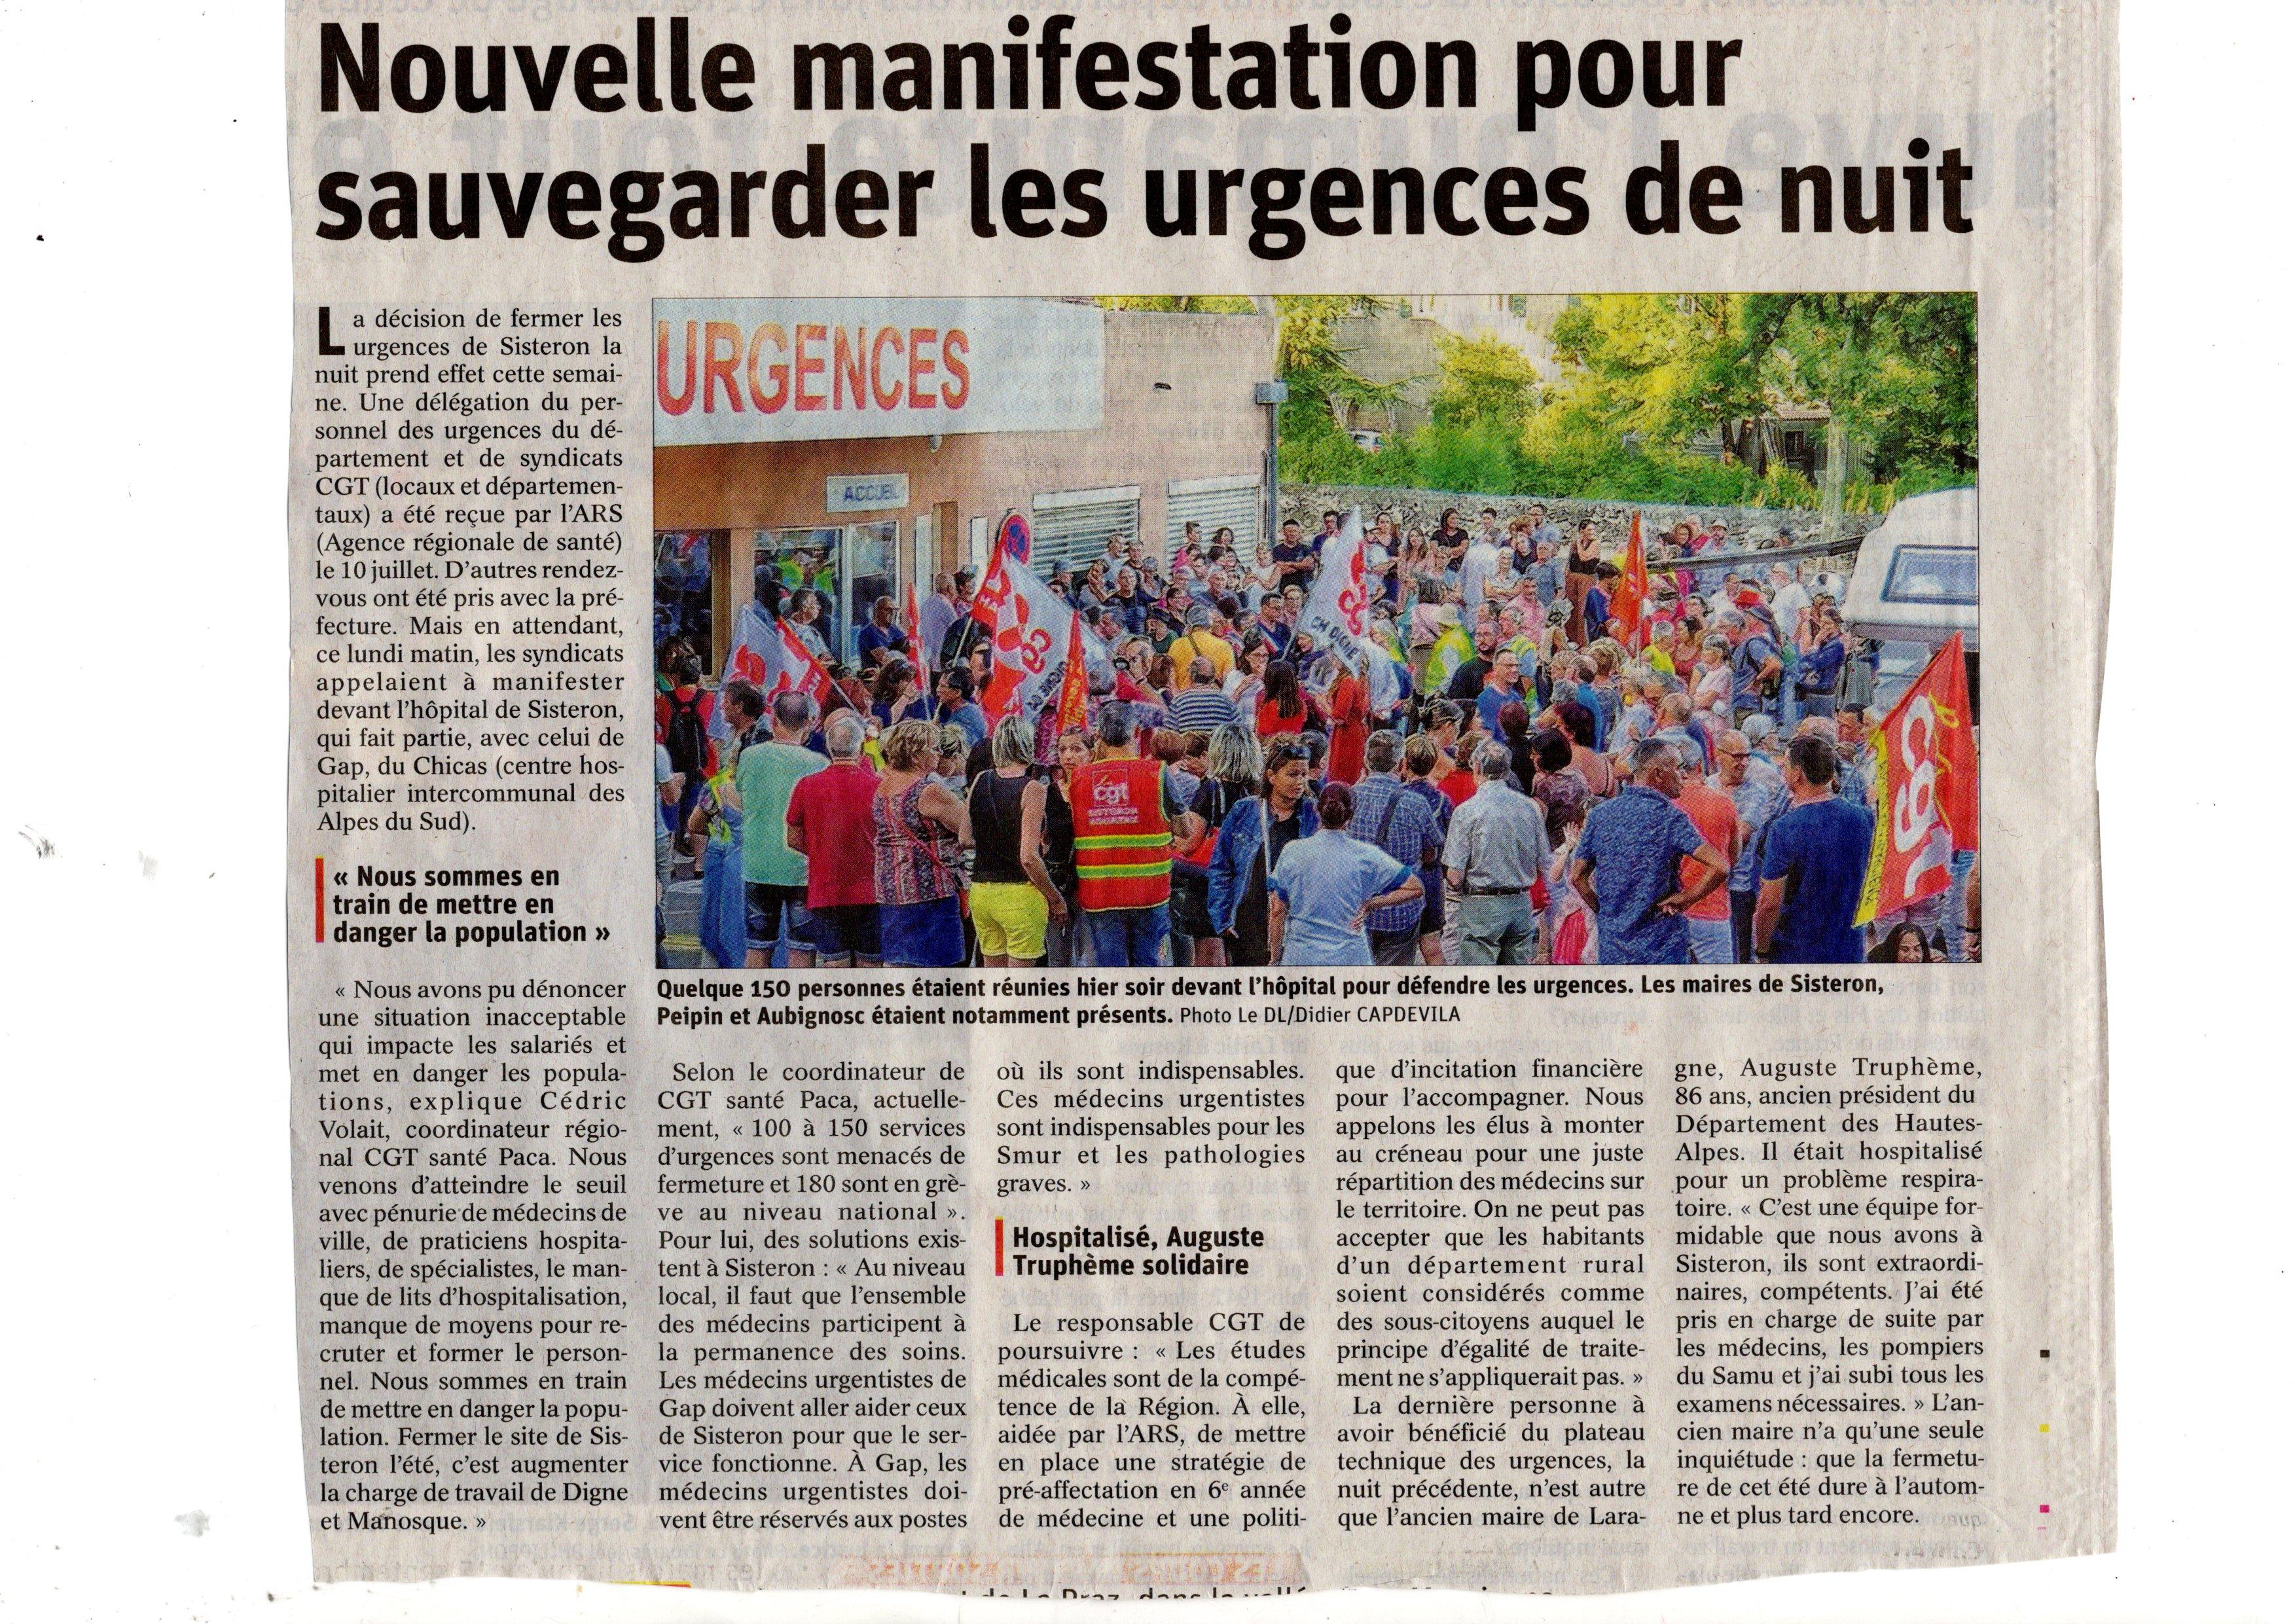 Le Dauphiné non à la fermeture des urgences de Sisteron